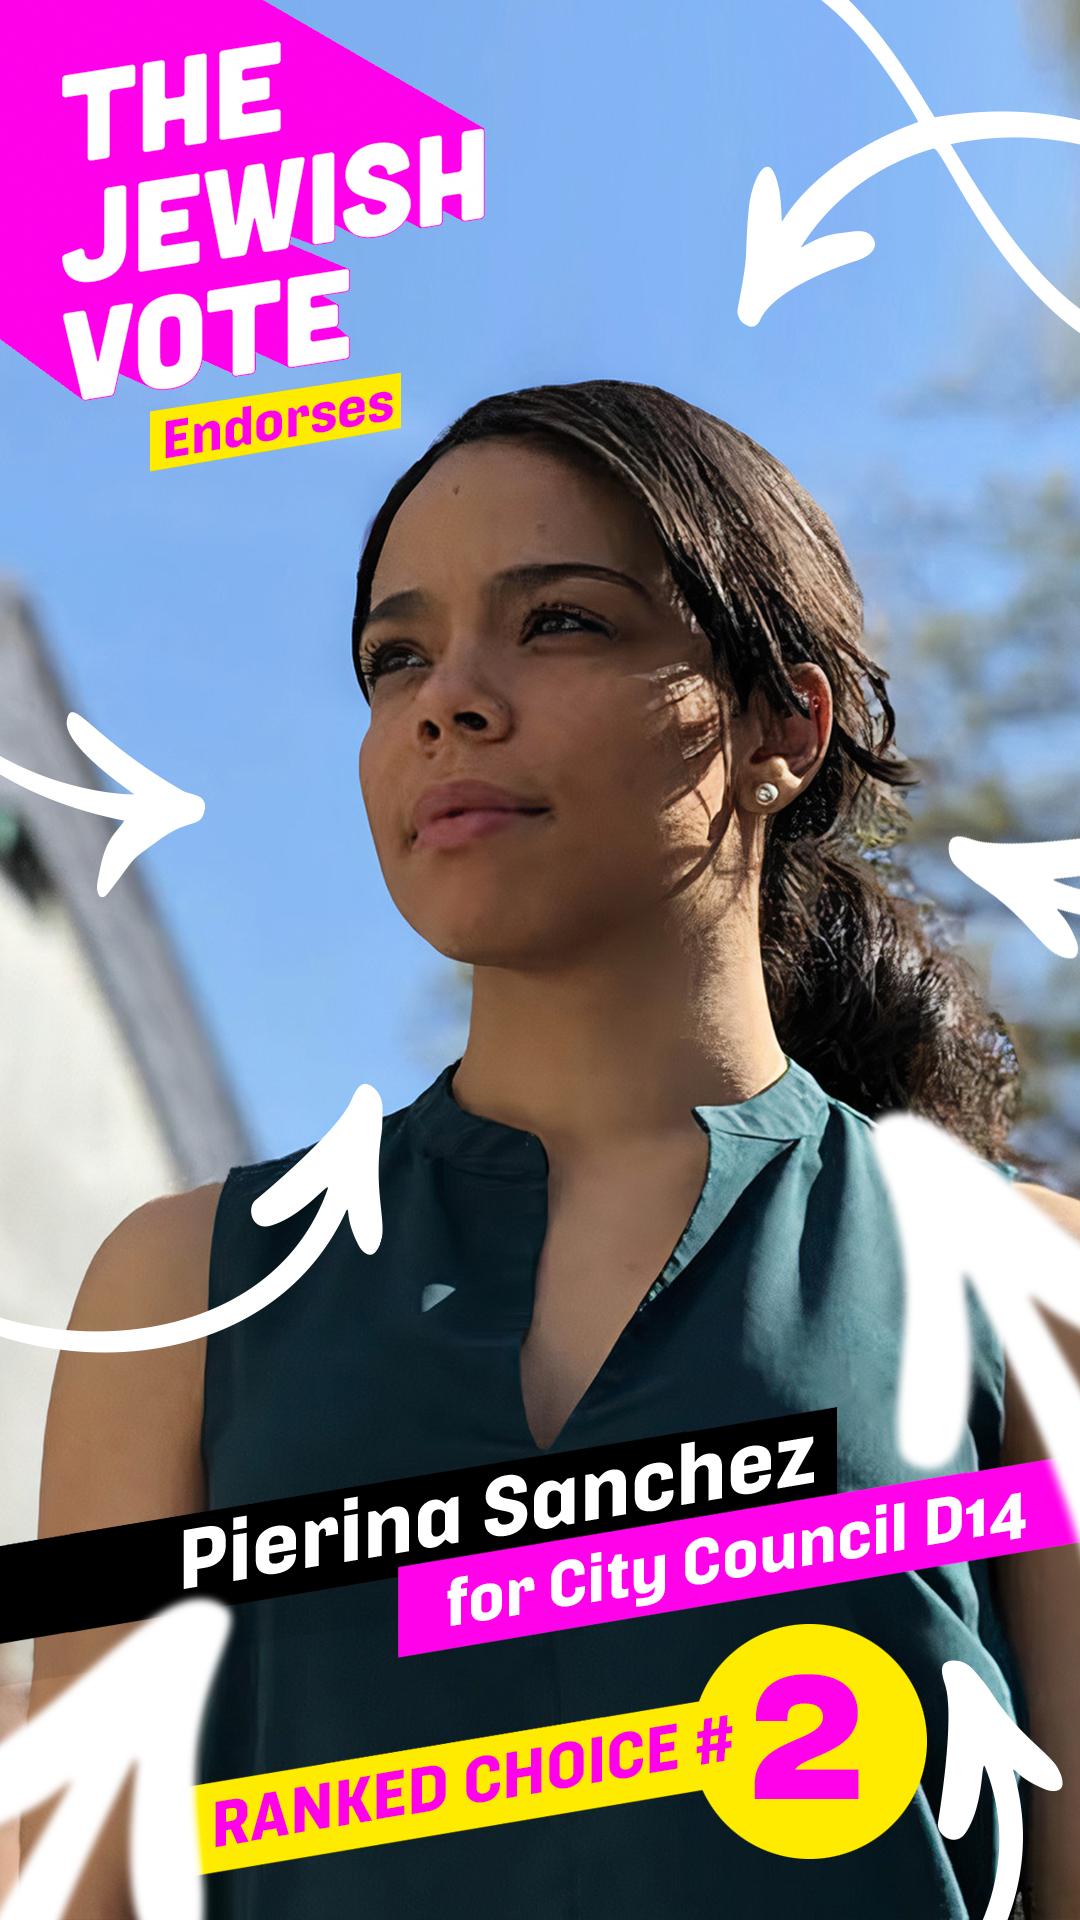 Pierina Sanchez